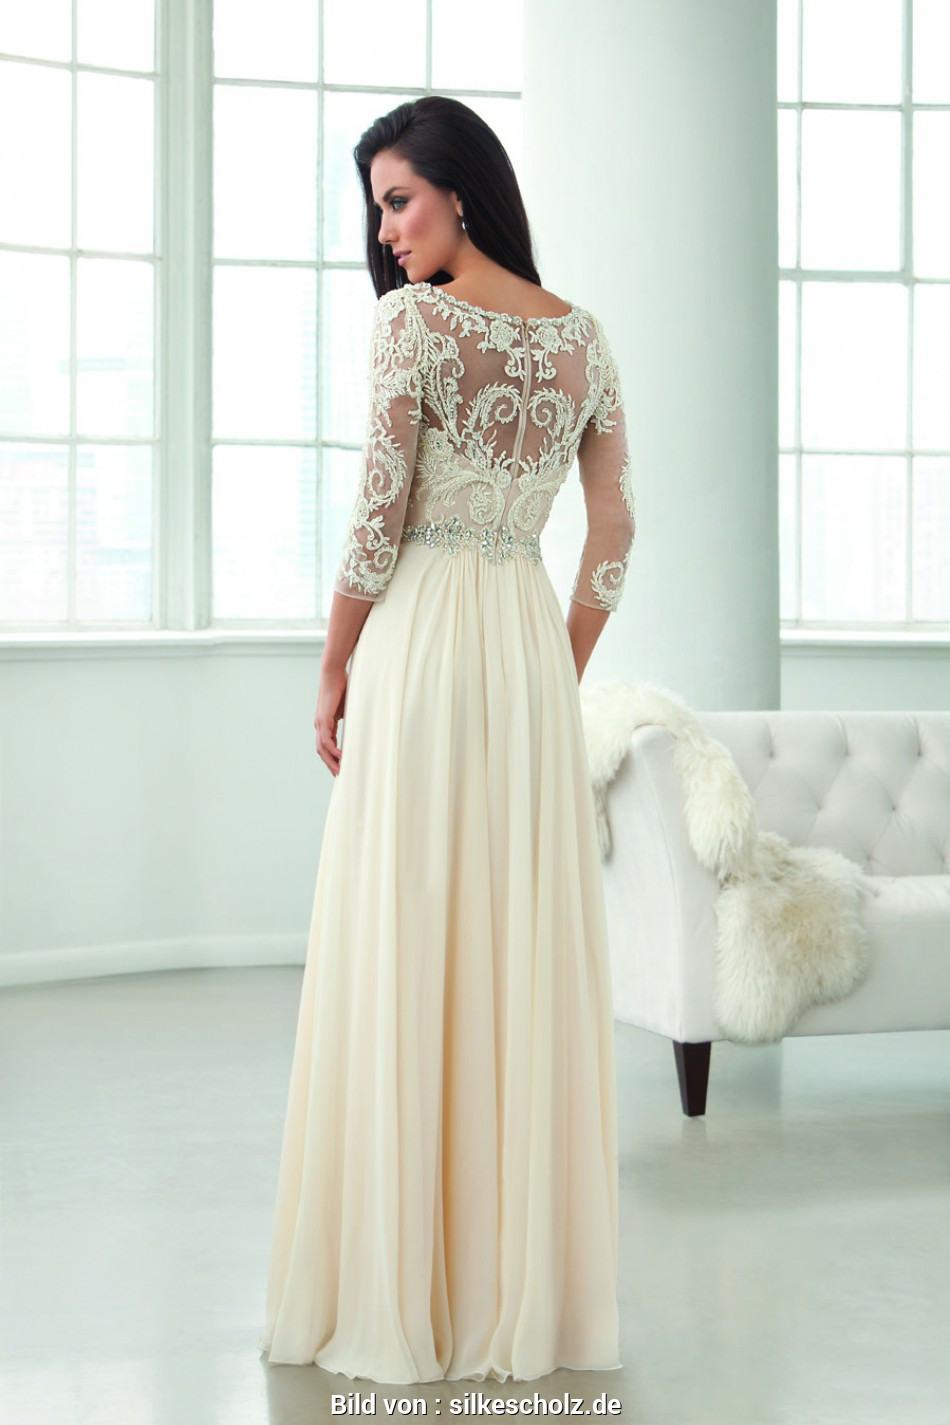 17 Luxus Abendkleid Frankfurt SpezialgebietAbend Wunderbar Abendkleid Frankfurt für 2019